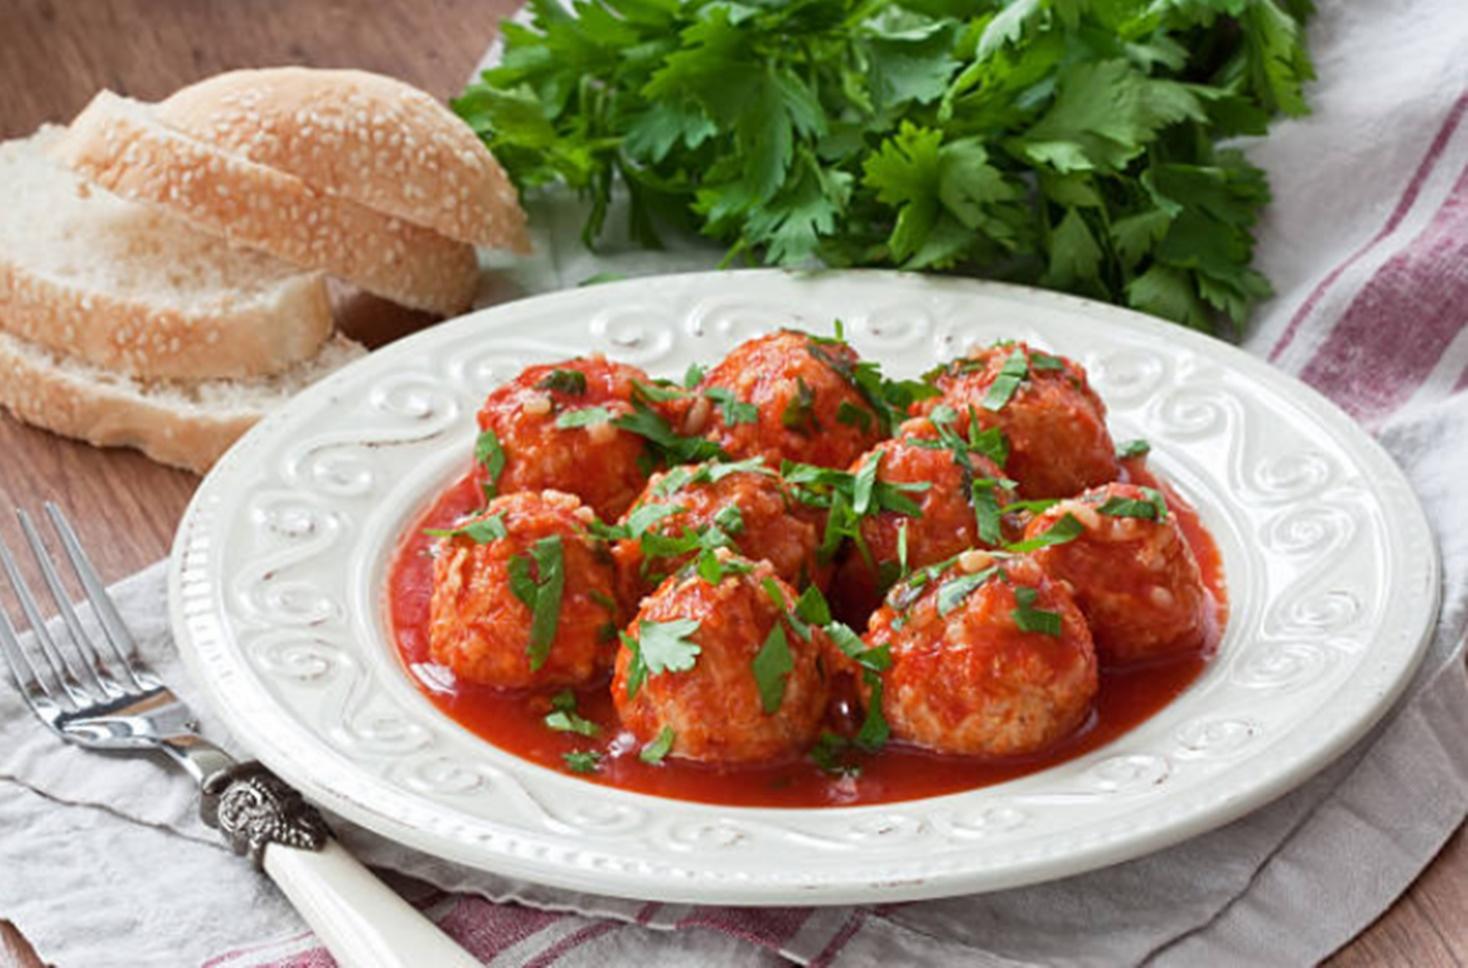 Chiftele cu sos de roșii. Rețeta simplă ca la bunica acasă